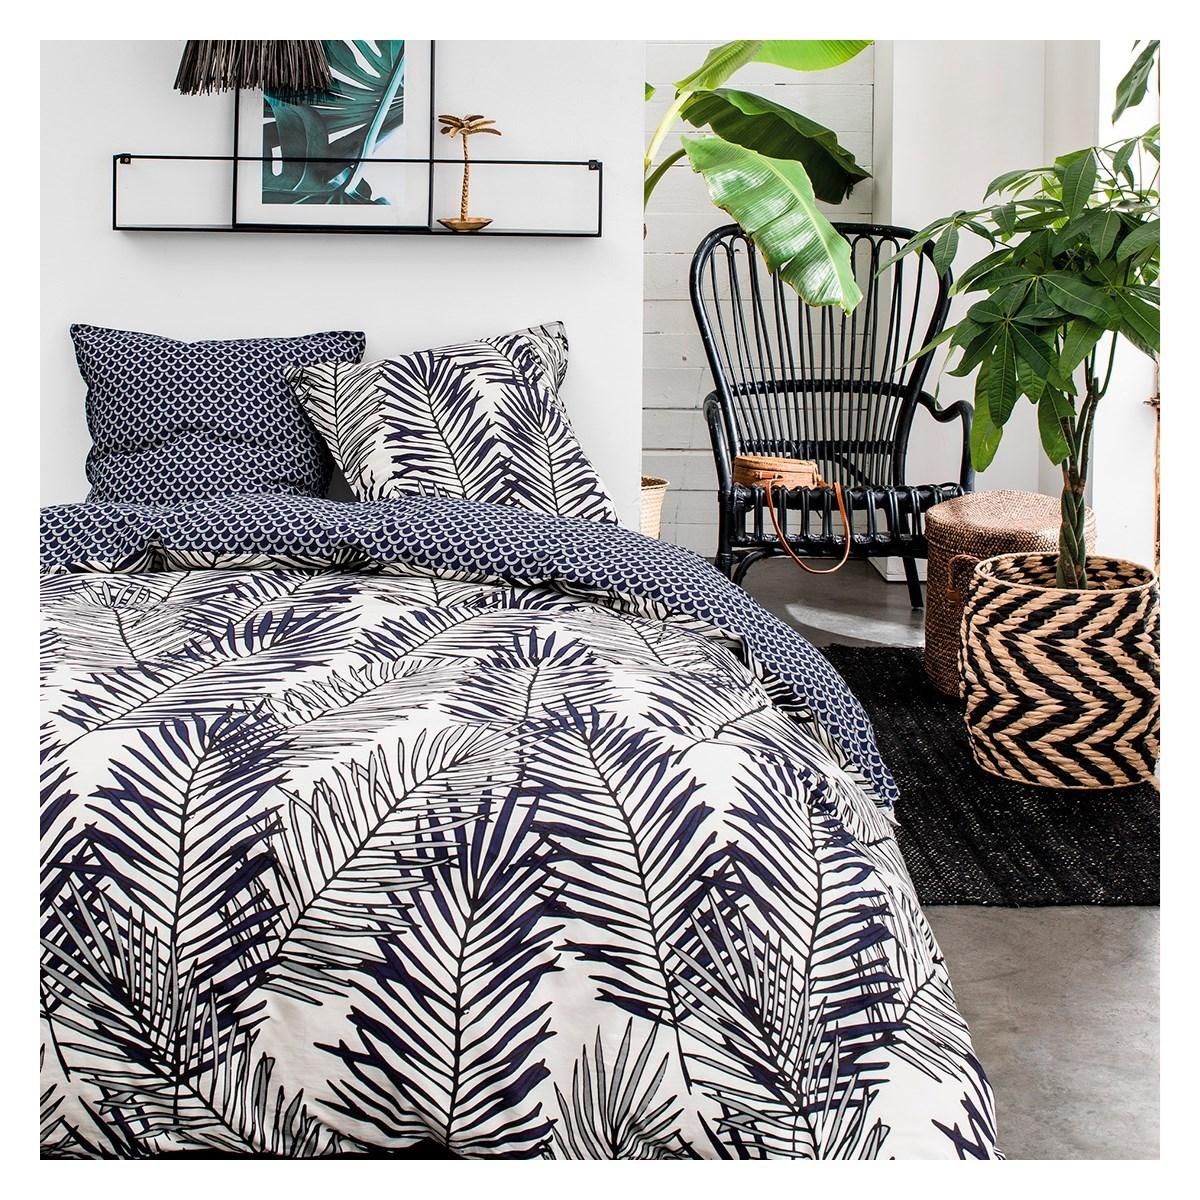 Parure de lit zippée 2 personnes imprimé en Coton Noir 220x240 cm